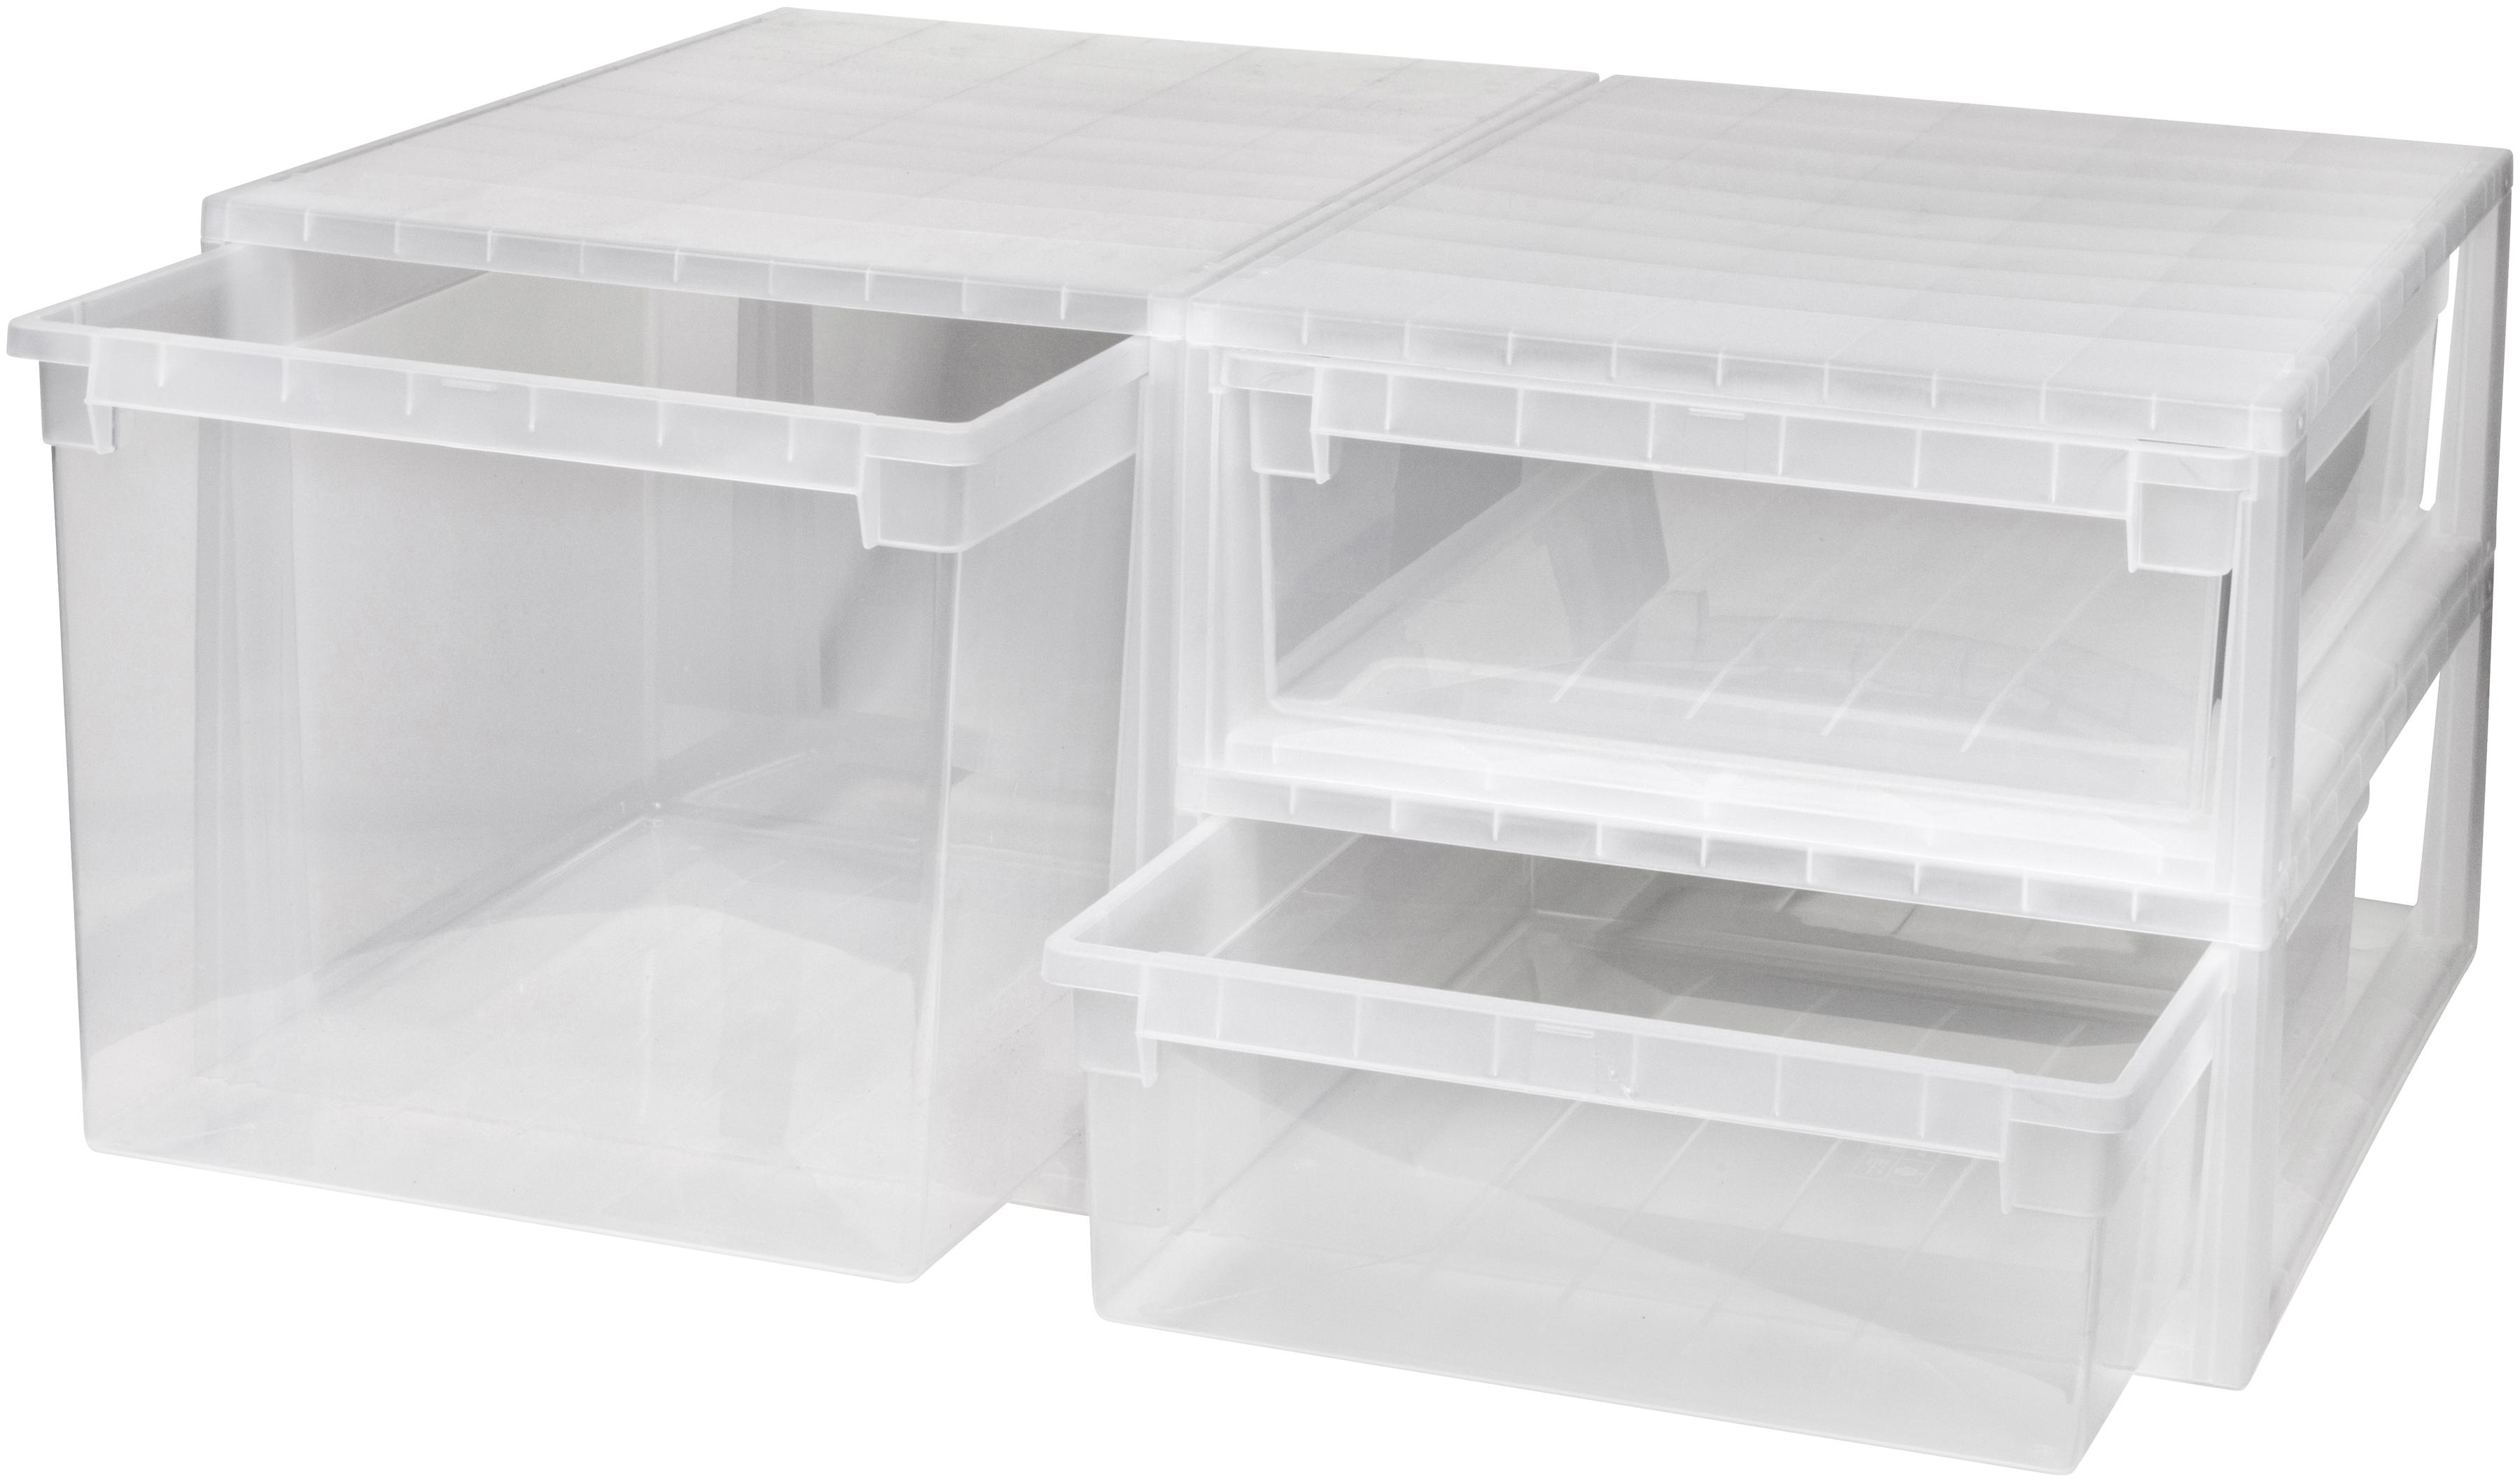 Kreher Aufbewahrungsbox, (Set, 3 St.) farblos Kleideraufbewahrung Aufbewahrung Ordnung Wohnaccessoires Aufbewahrungsbox